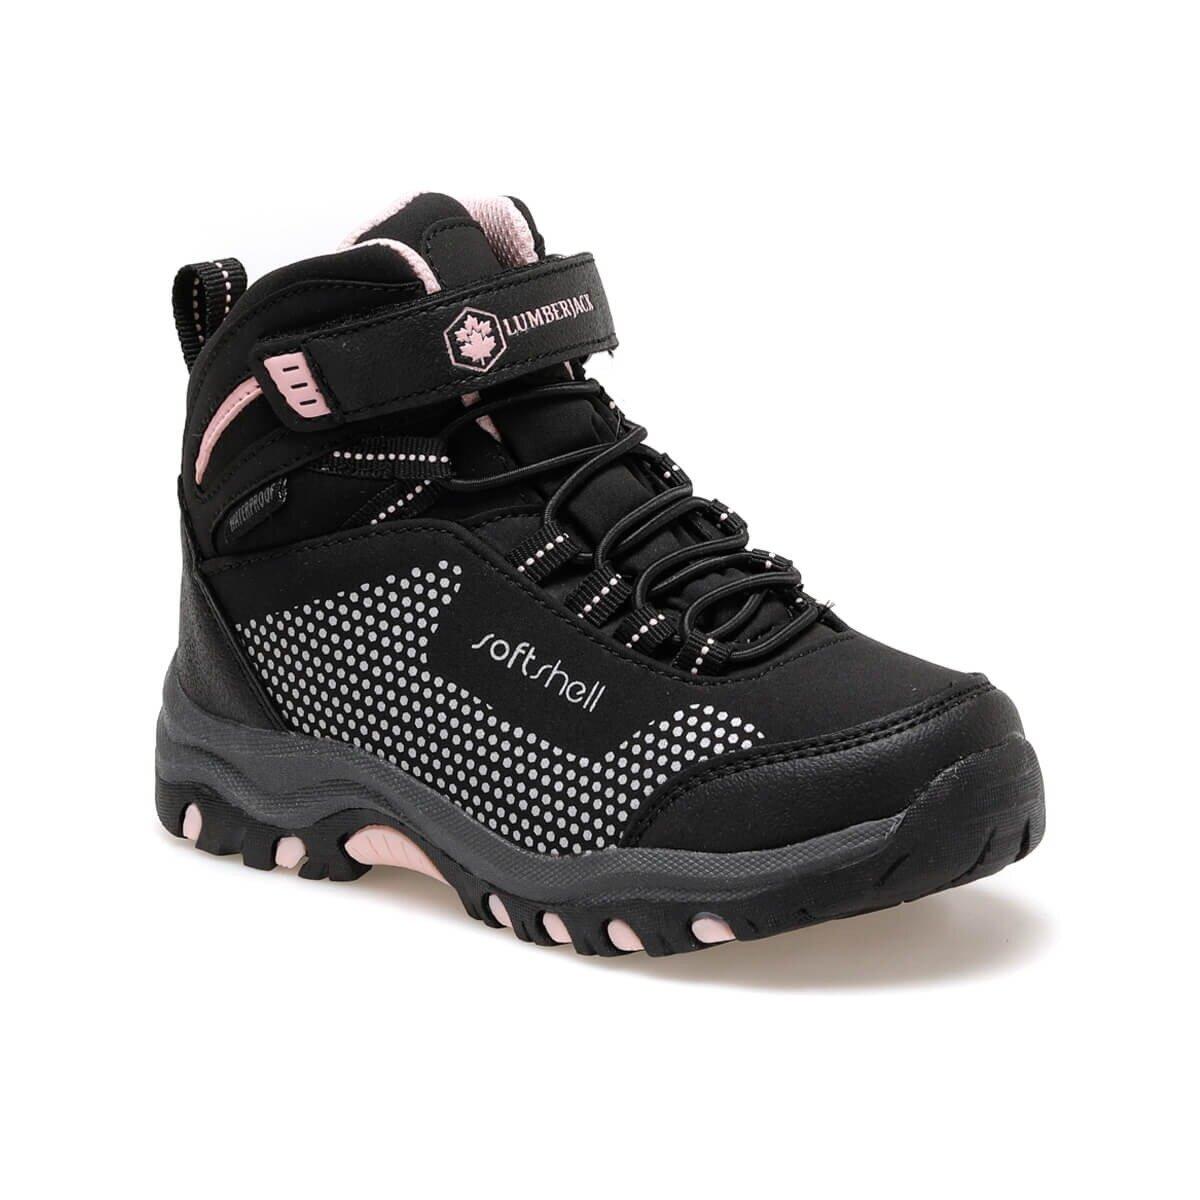 FLO FULLER HI 9PR Black Girls Child Outdoors Boots LUMBERJACK